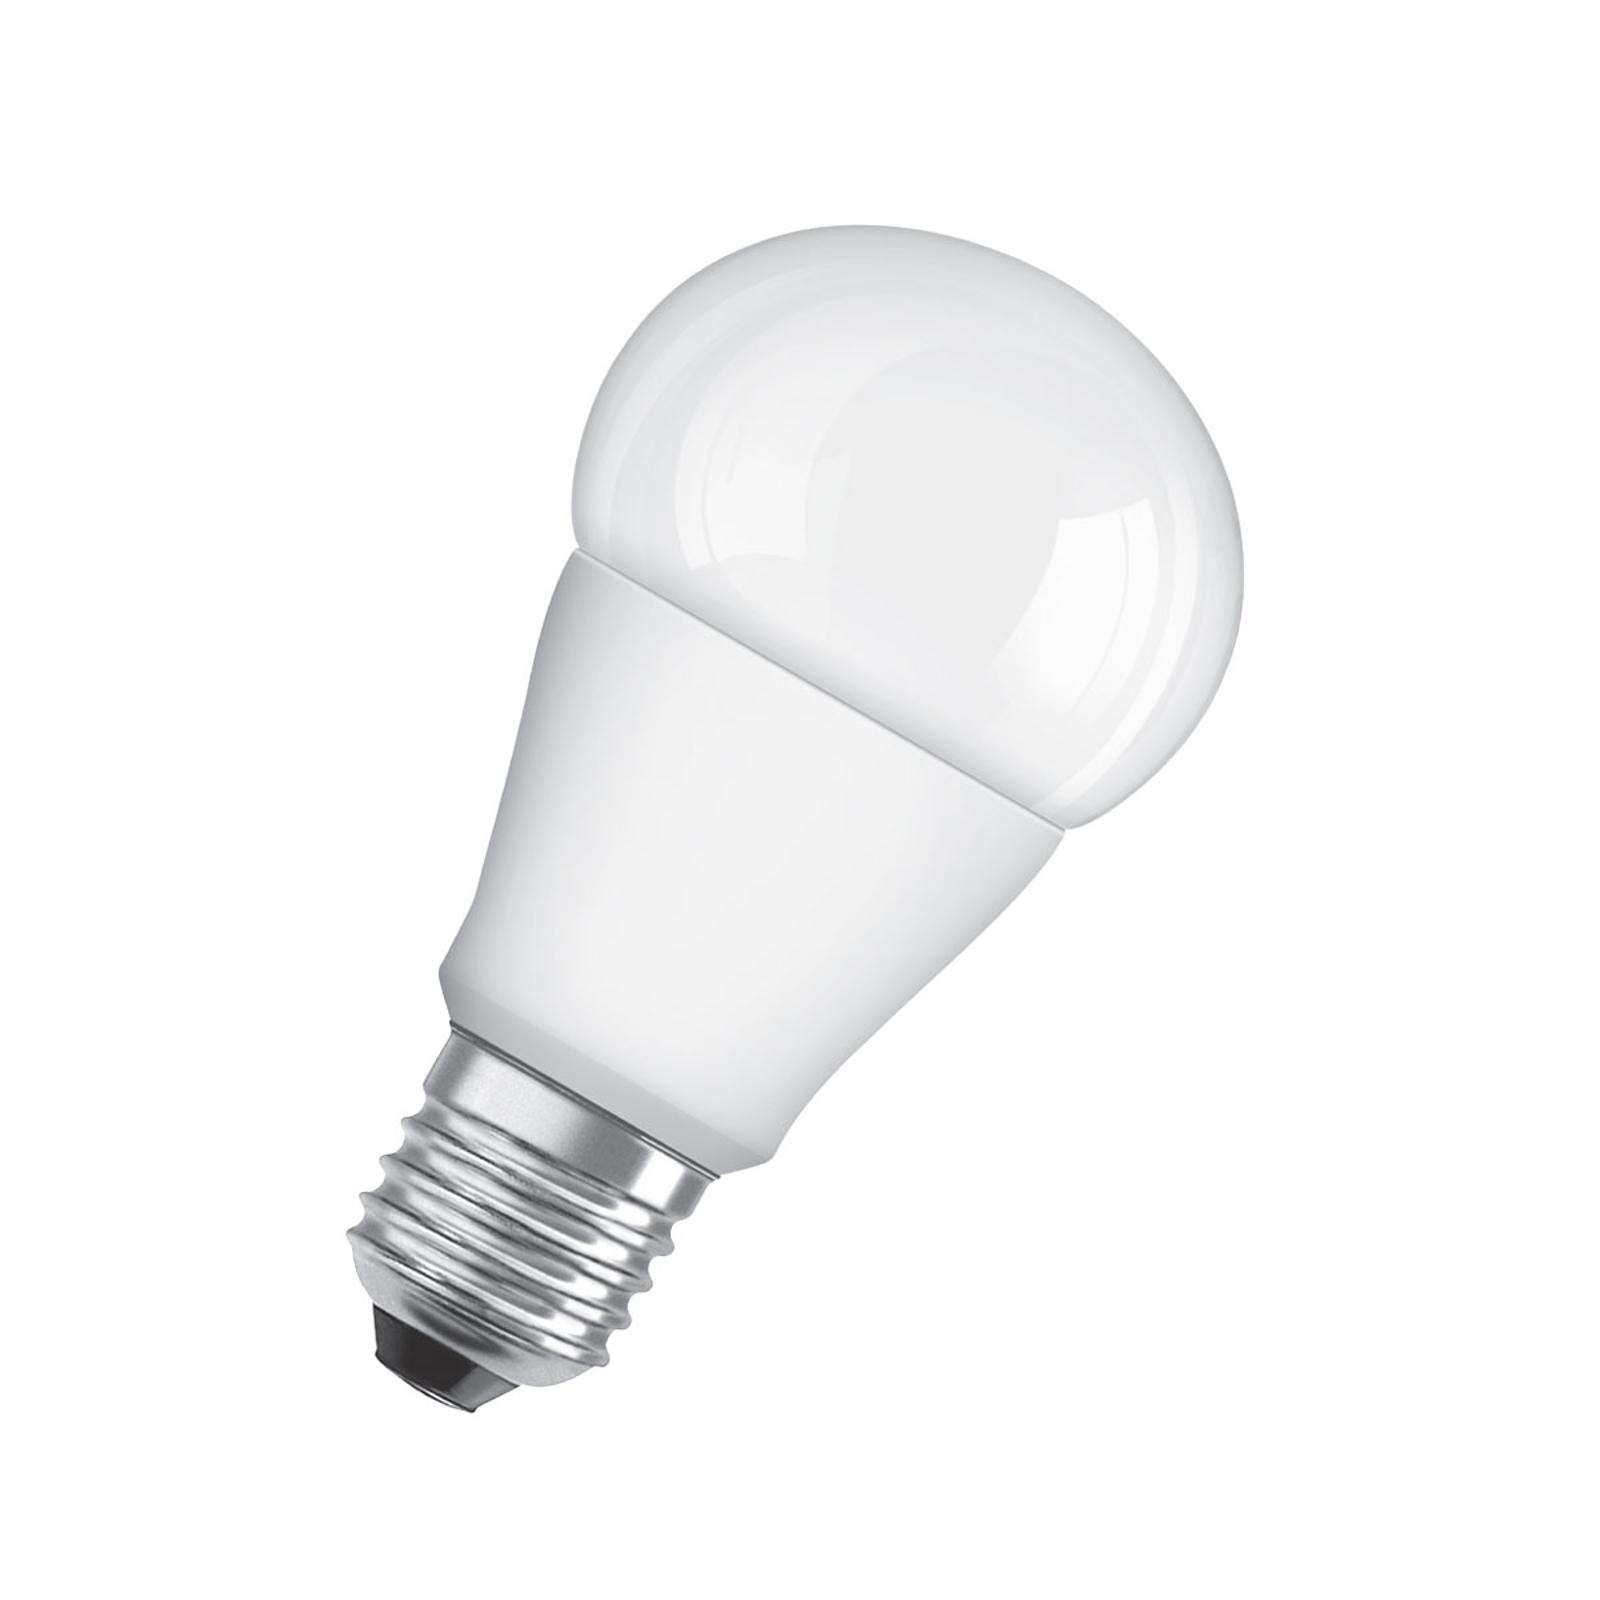 Star LED-pære E27 827 9W